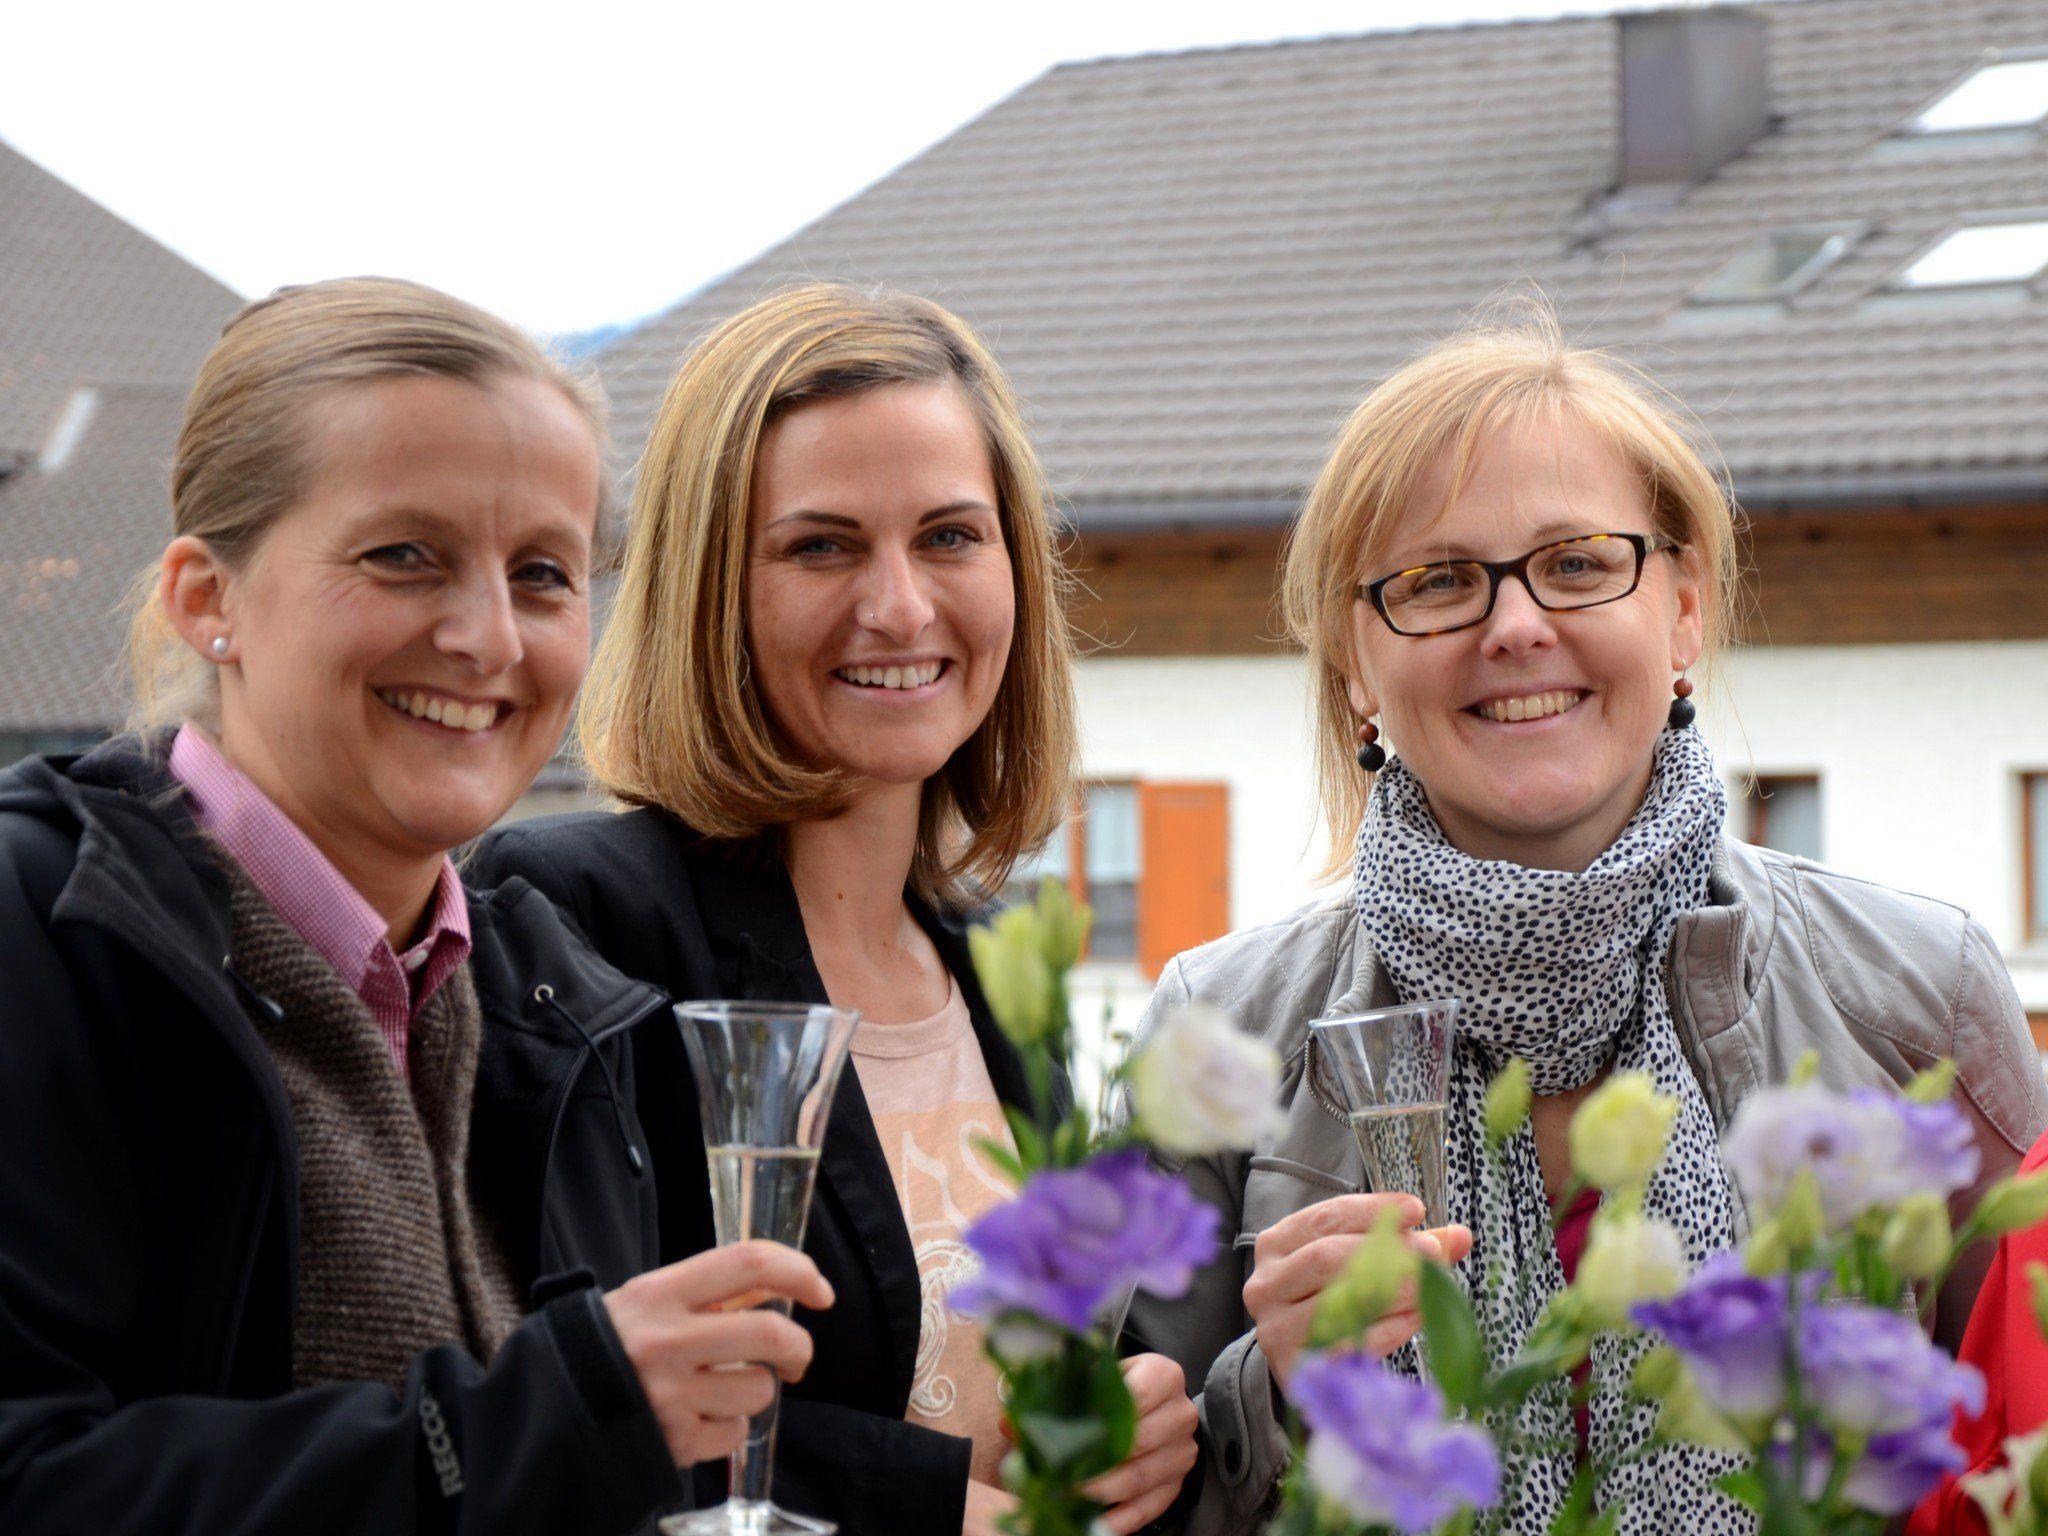 Sigrid, Marita und Silvia freuen sich auf das Genusserlebnis